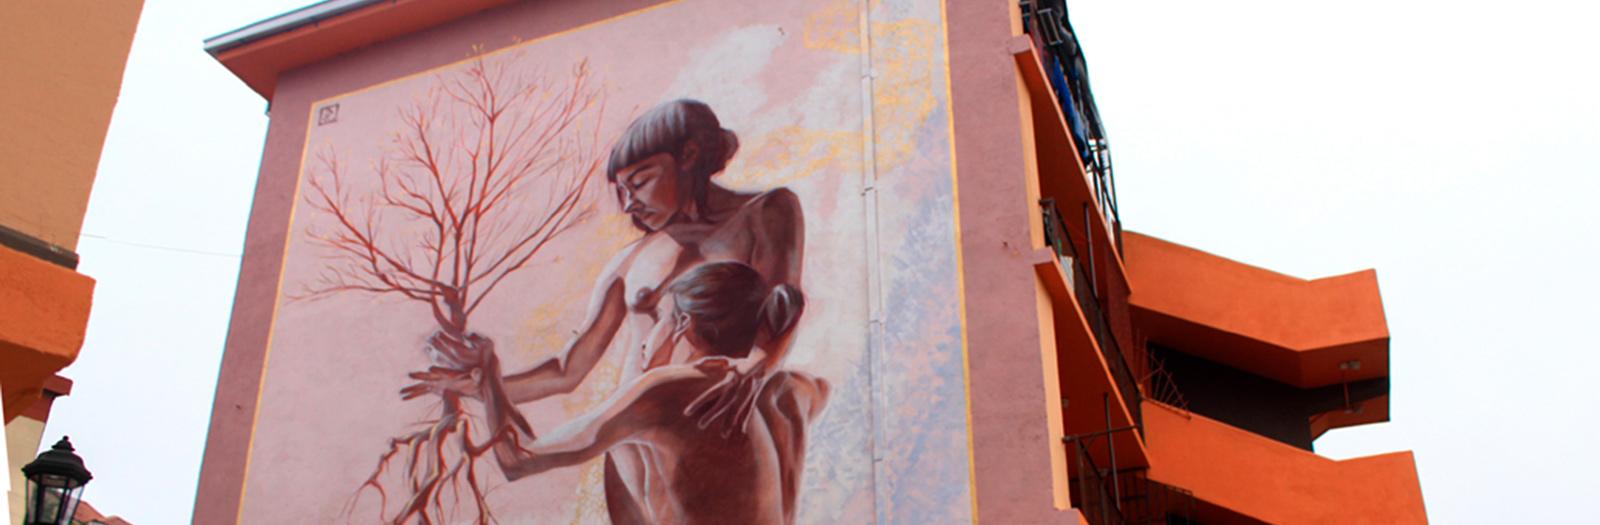 jotape-mural